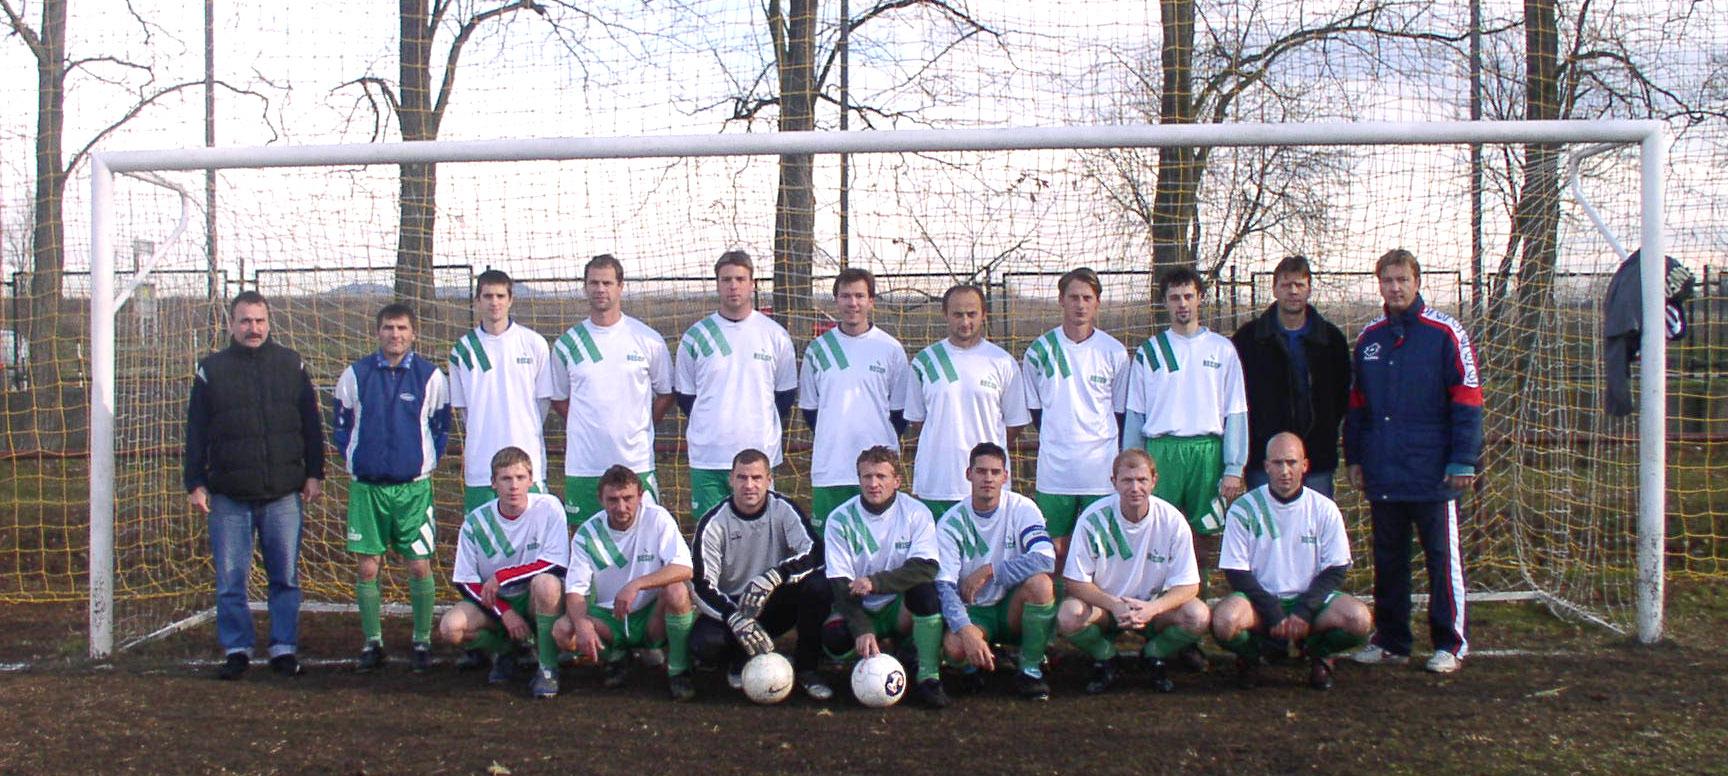 tfk2006